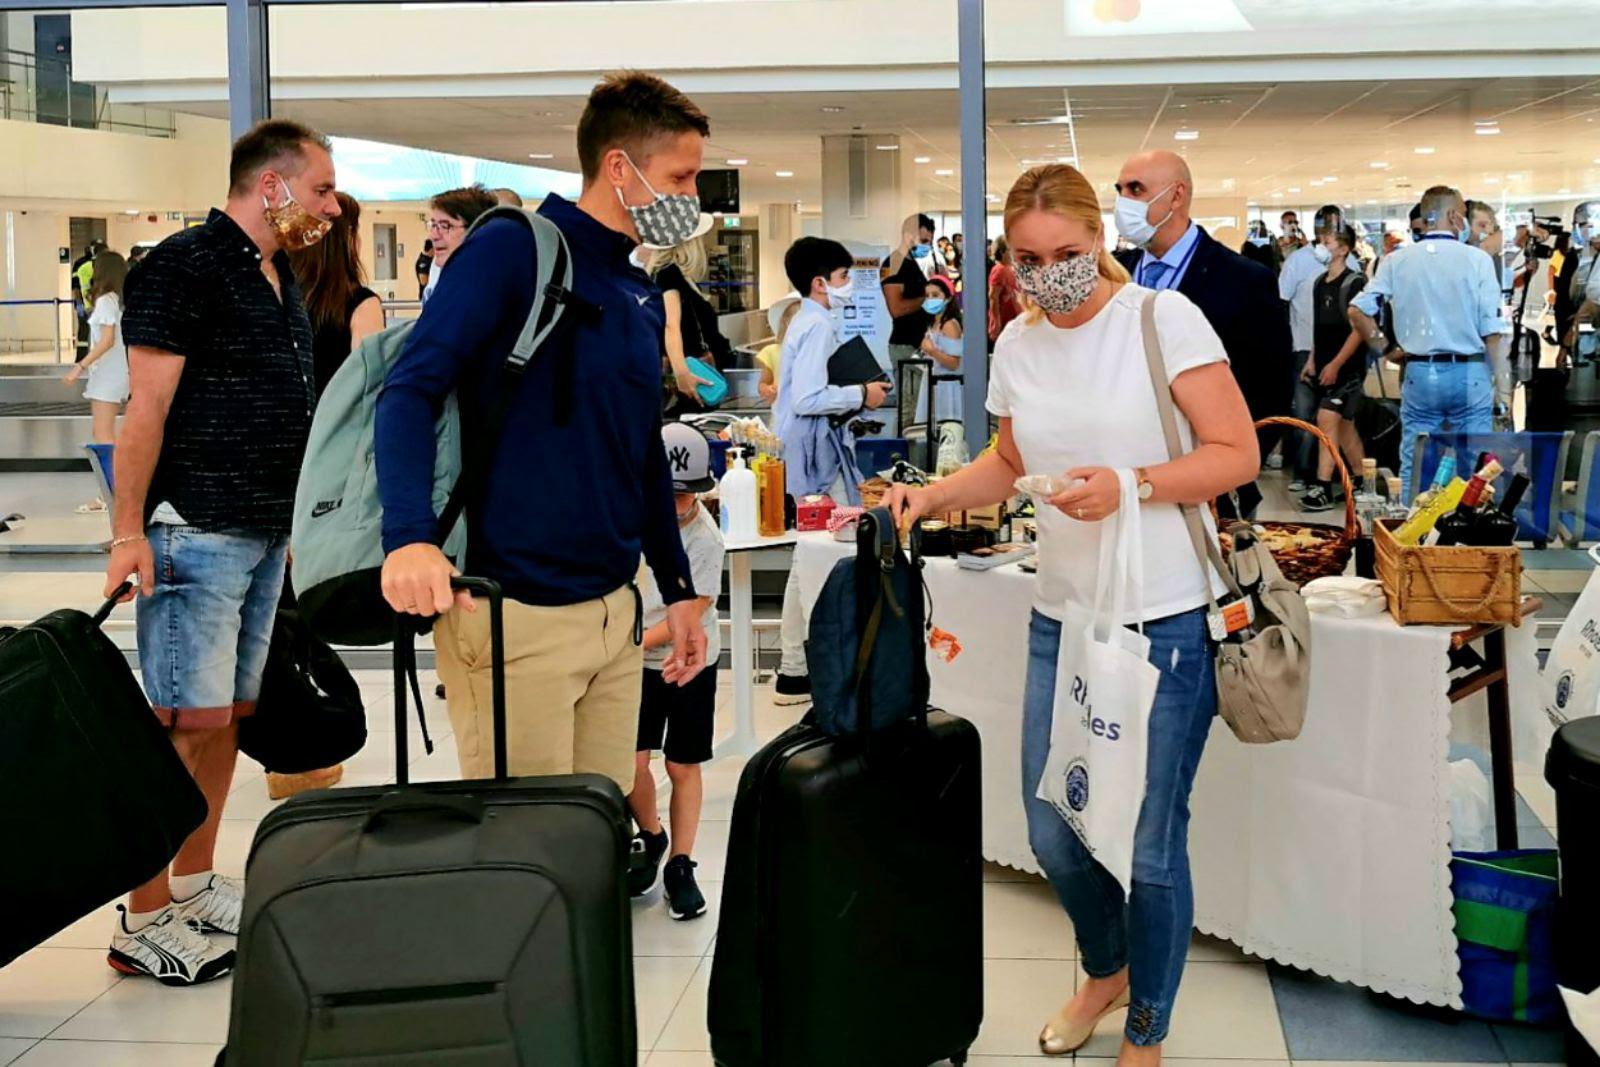 Εντατικοί έλεγχοι στα αεροδρόμια - Ο αριθμός των ελέγχων στο αεροδρόμιο Μυκόνου